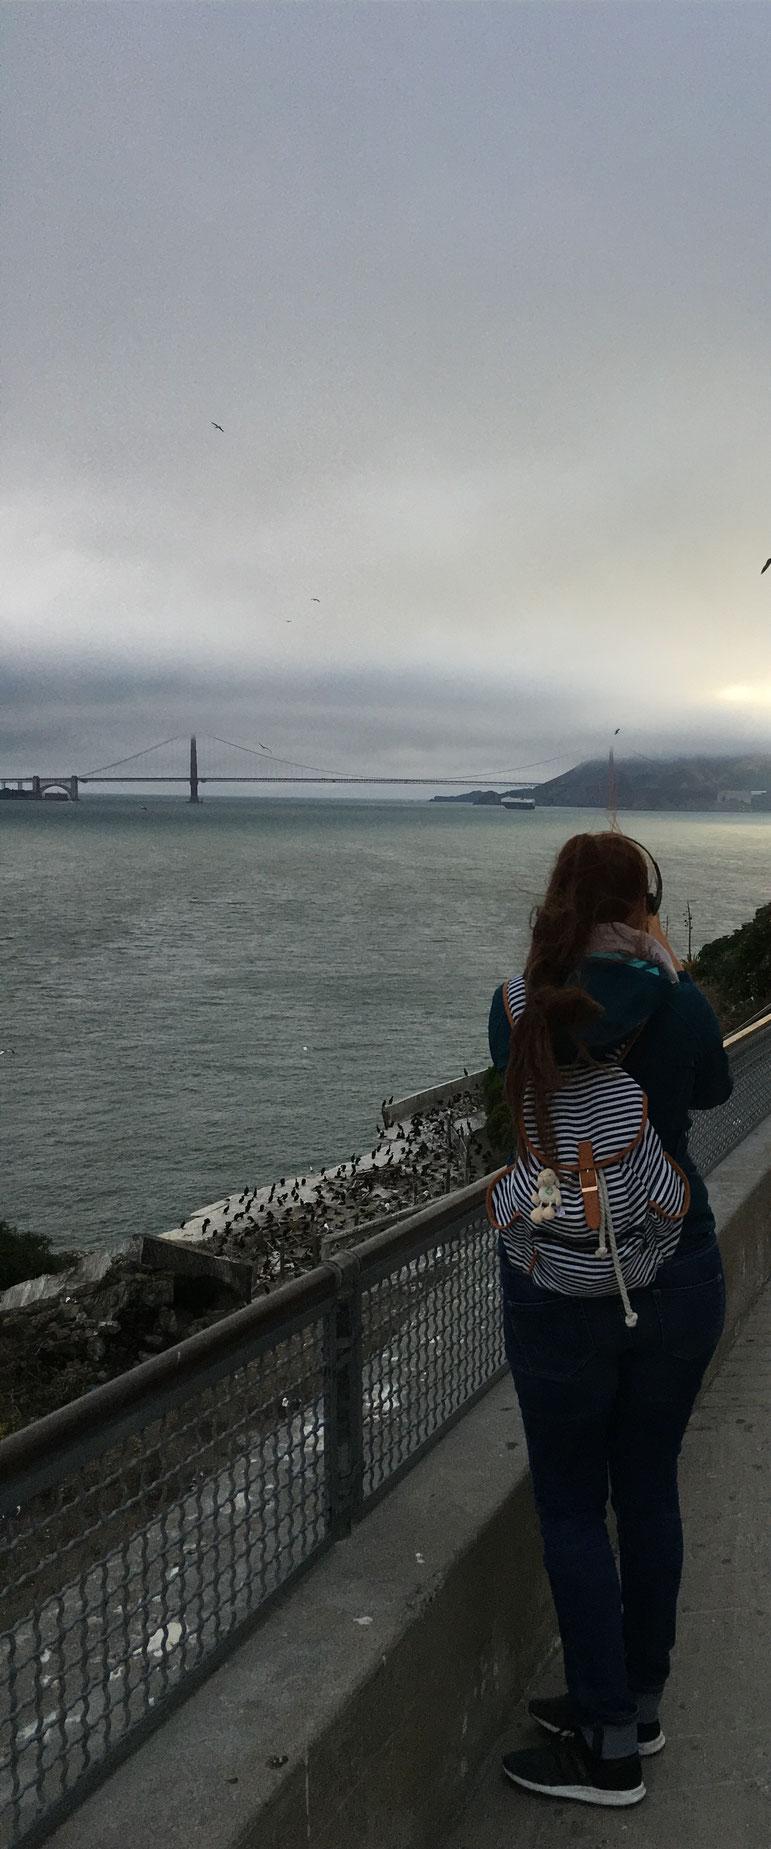 und sogar die Golden Gate Bridge konnten wir sehen